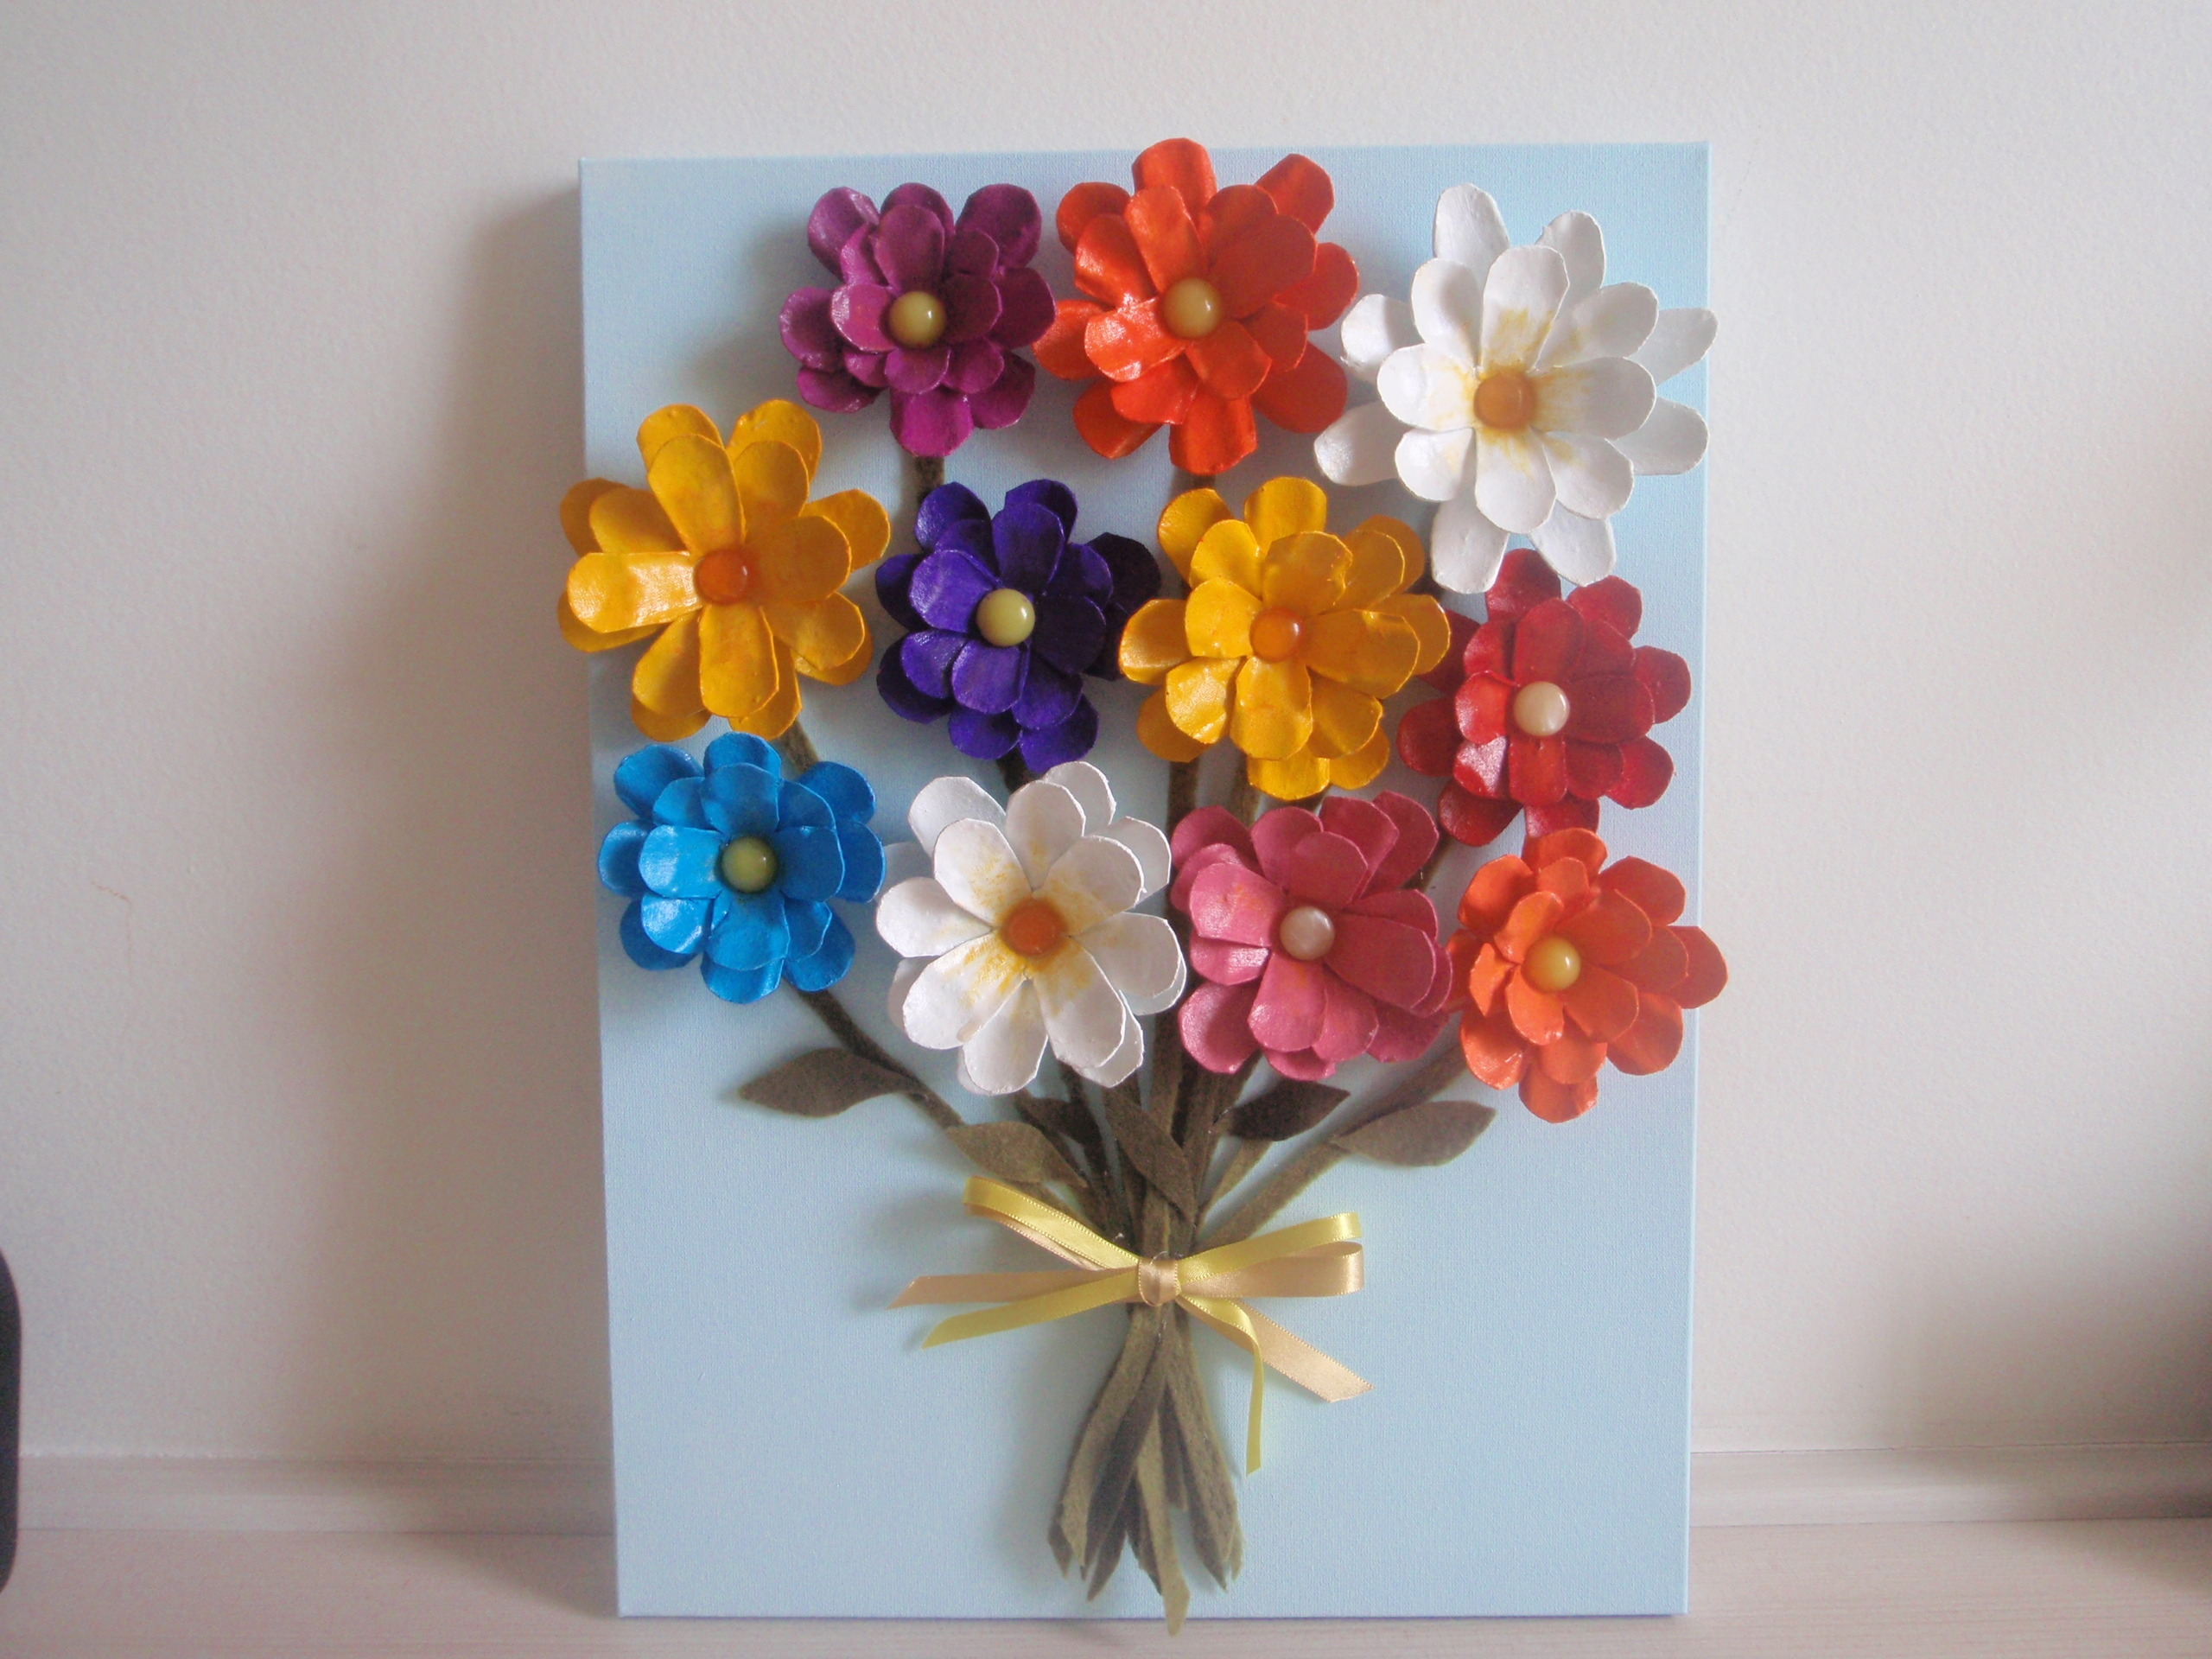 imagens de vasos com 1 flor para colorir